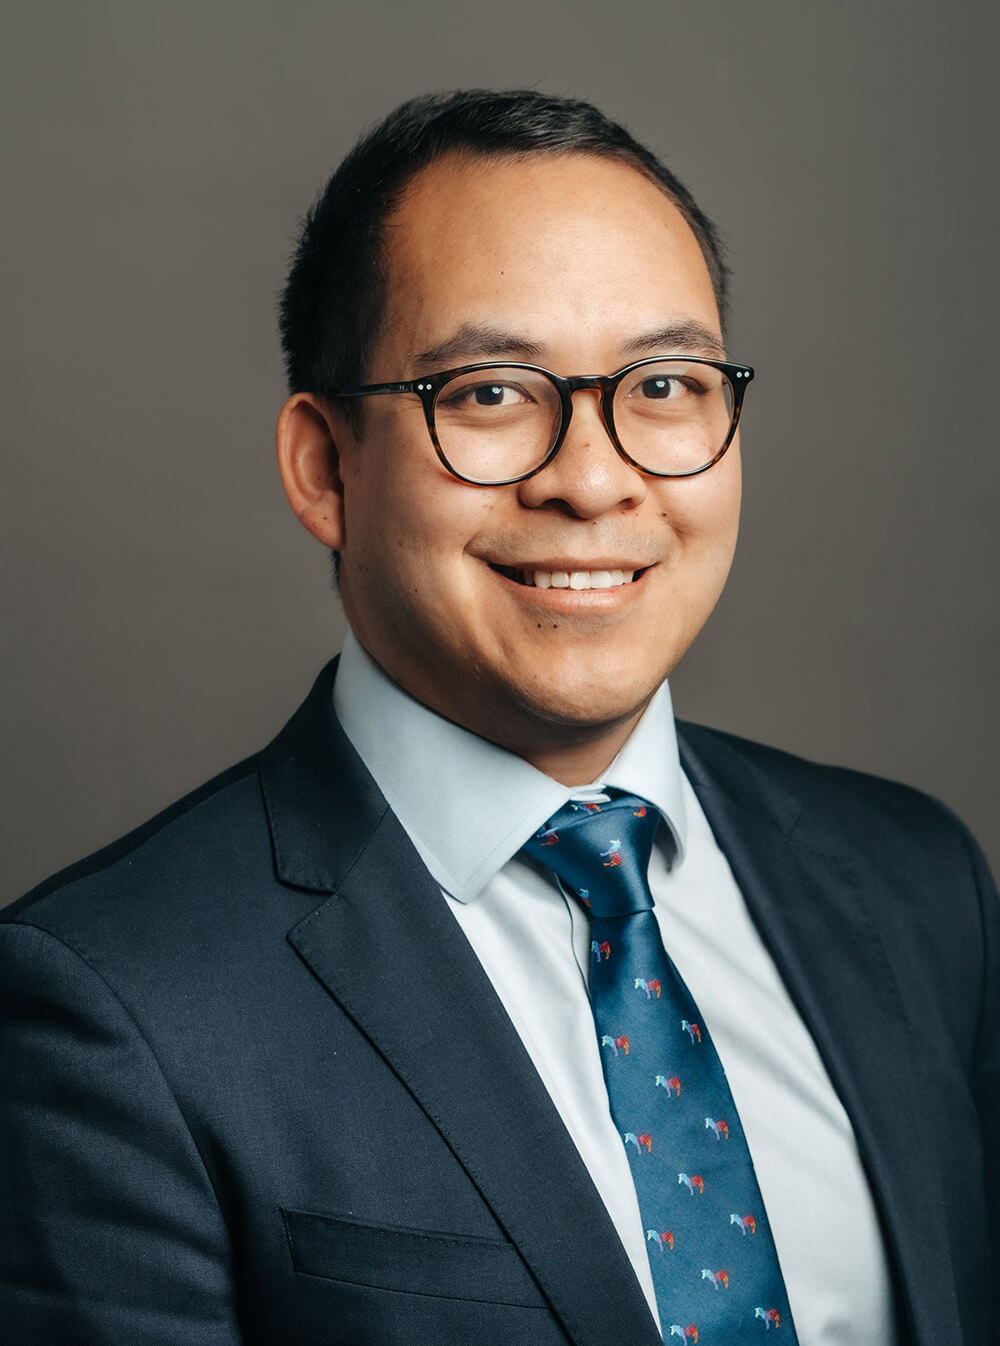 Edward Nguyen